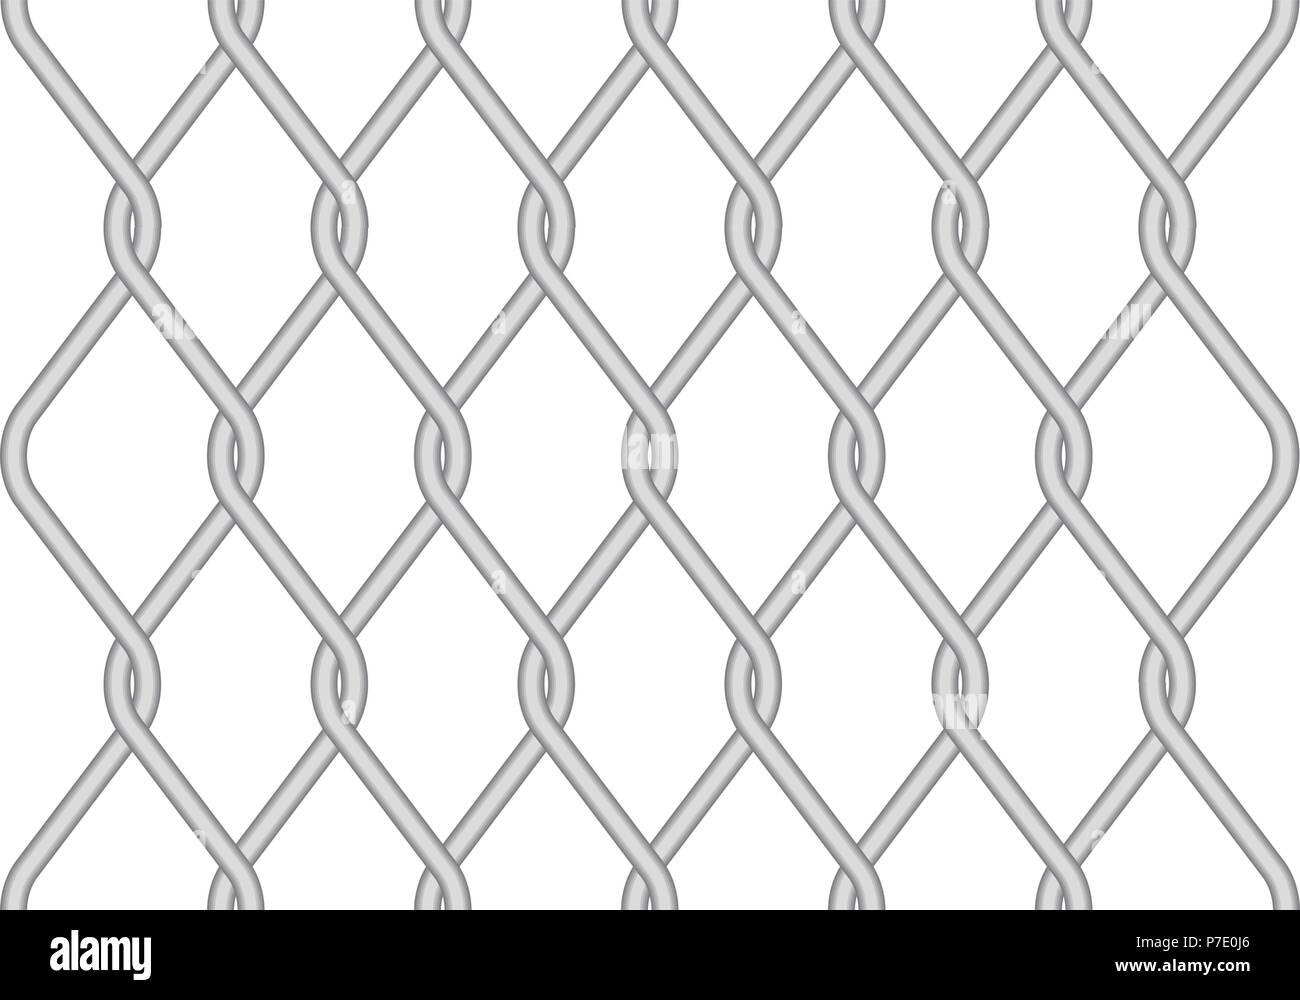 Twisted Wire Fence Stockfotos & Twisted Wire Fence Bilder - Alamy